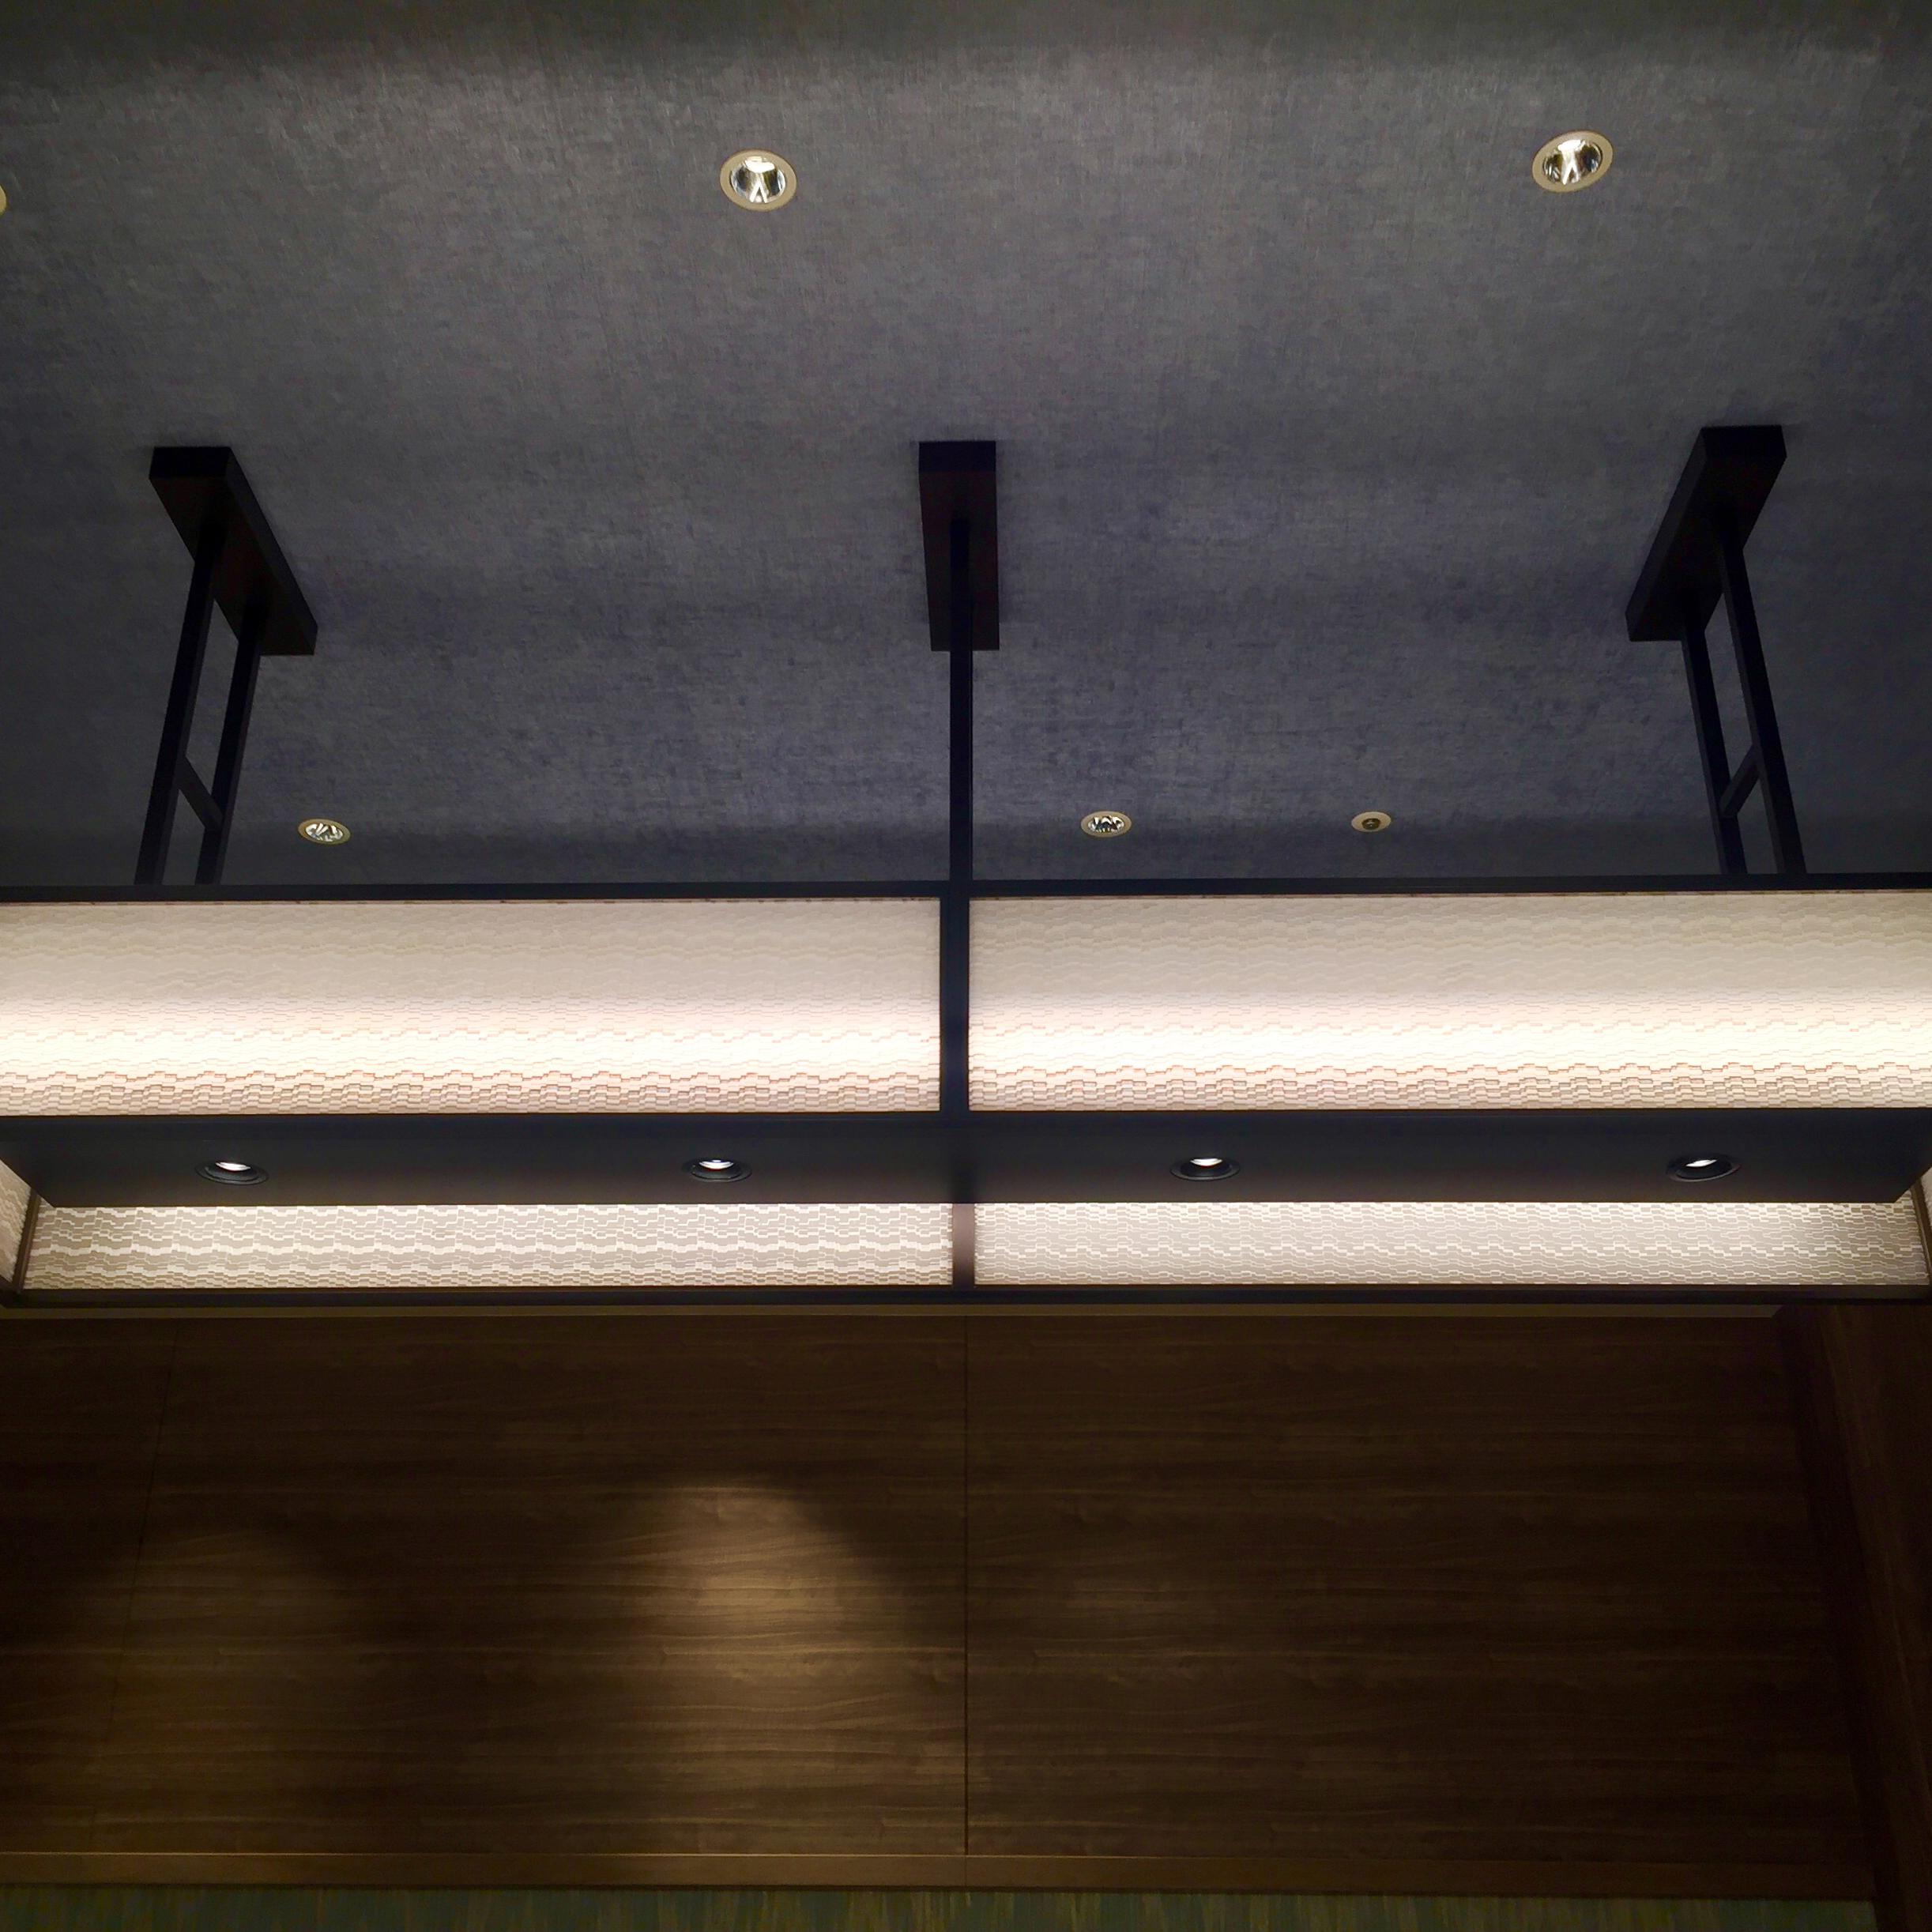 ホテル京阪 築地銀座グランデ 様 KEIHAN Tsukiji Ginza Grande